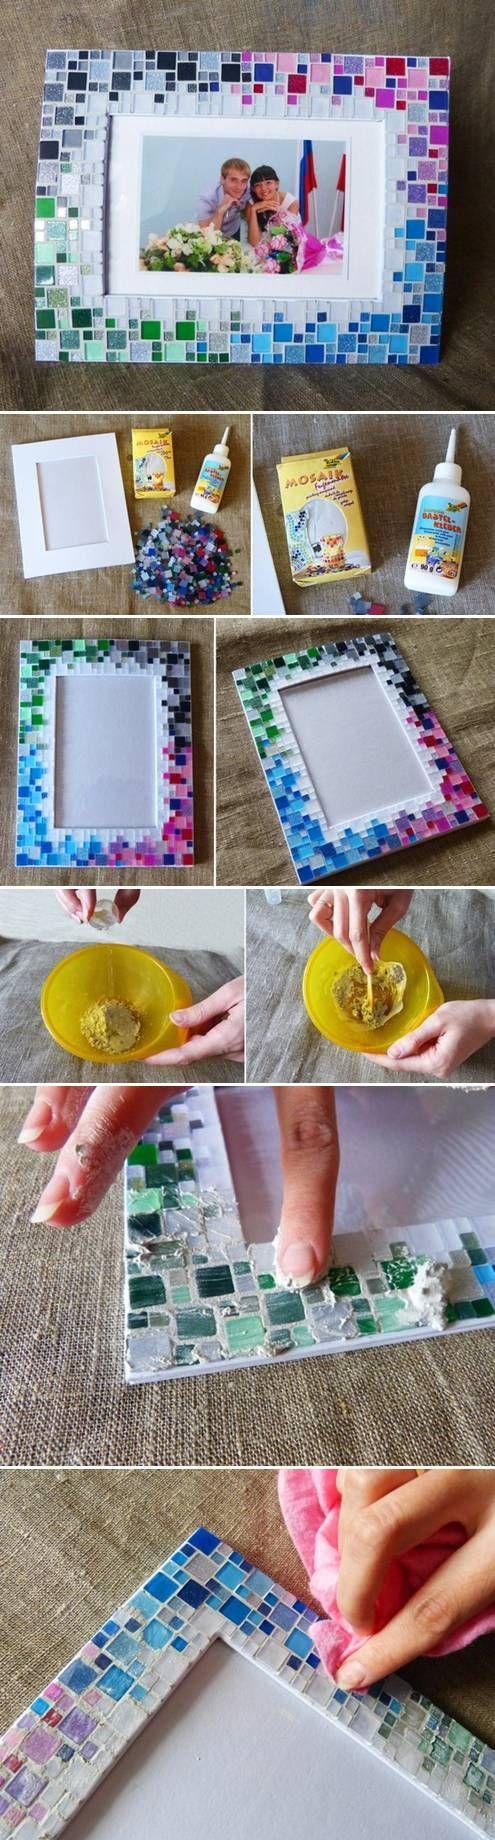 DIY Mosaic Photo Frame